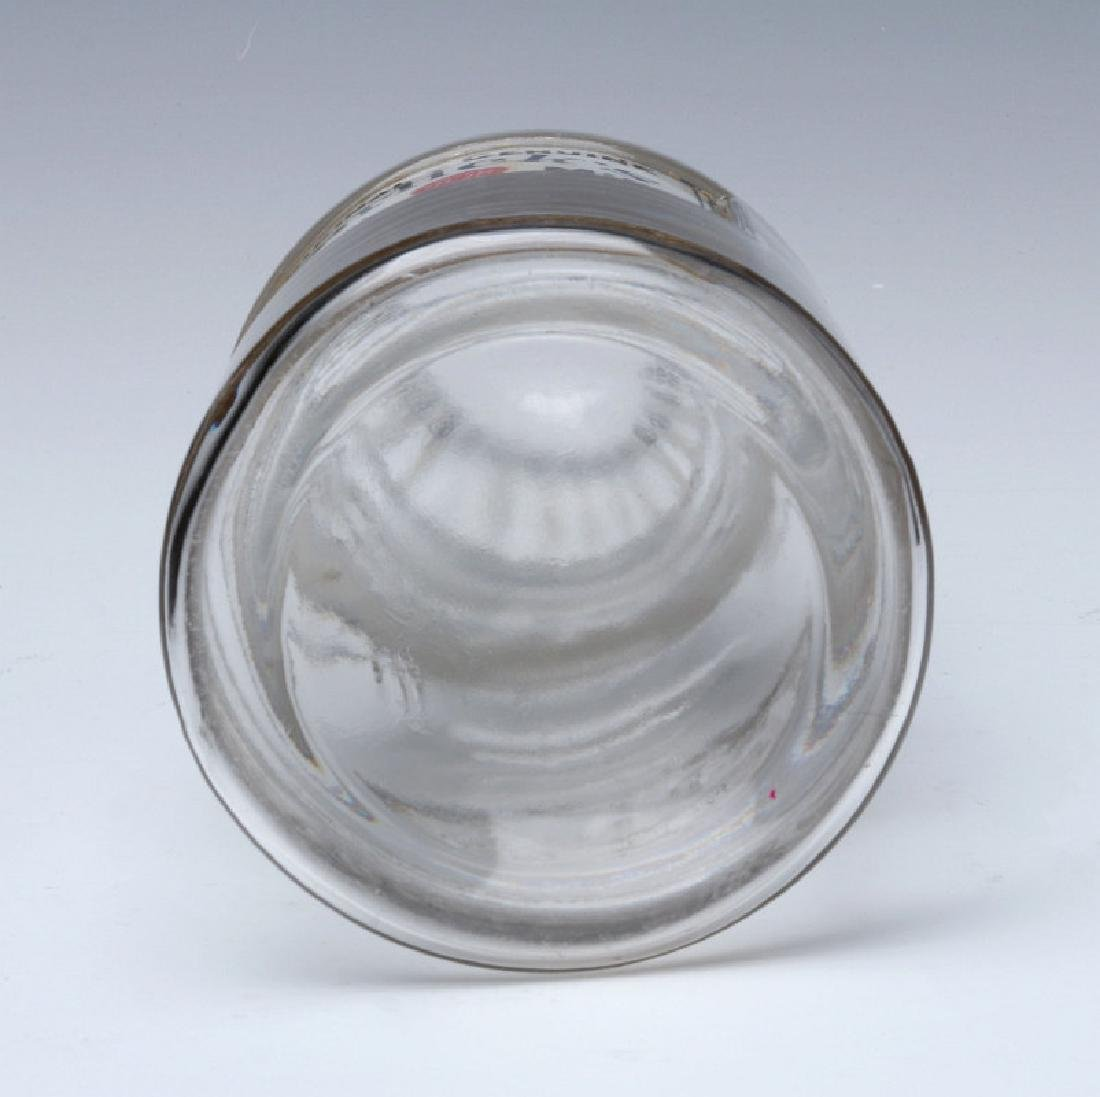 HORLICK'S LABEL UNDER GLASS DRUG STORE CANDY JAR - 8